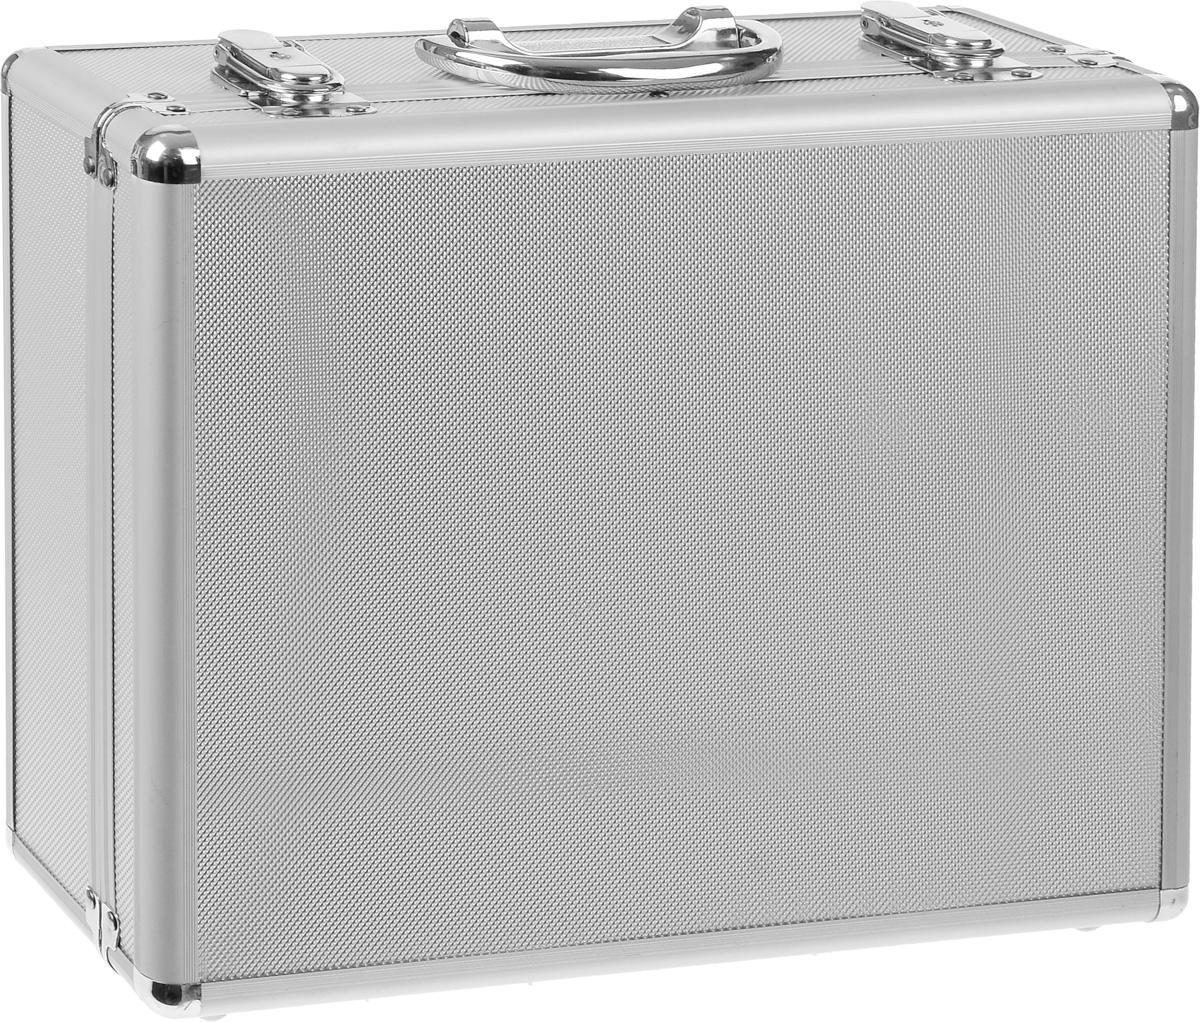 Ящик для инструментов FIT, алюминиевый, 34 х 28 х 12 см65610Ящик для инструментов FIT изготовлен из алюминия. Внутренние перегородки - переставные, что позволяет изменять пространство ящика по своему усмотрению. Отделка выполнена из мягкого пористого материала, что обеспечивает более бережное хранение инструмента.